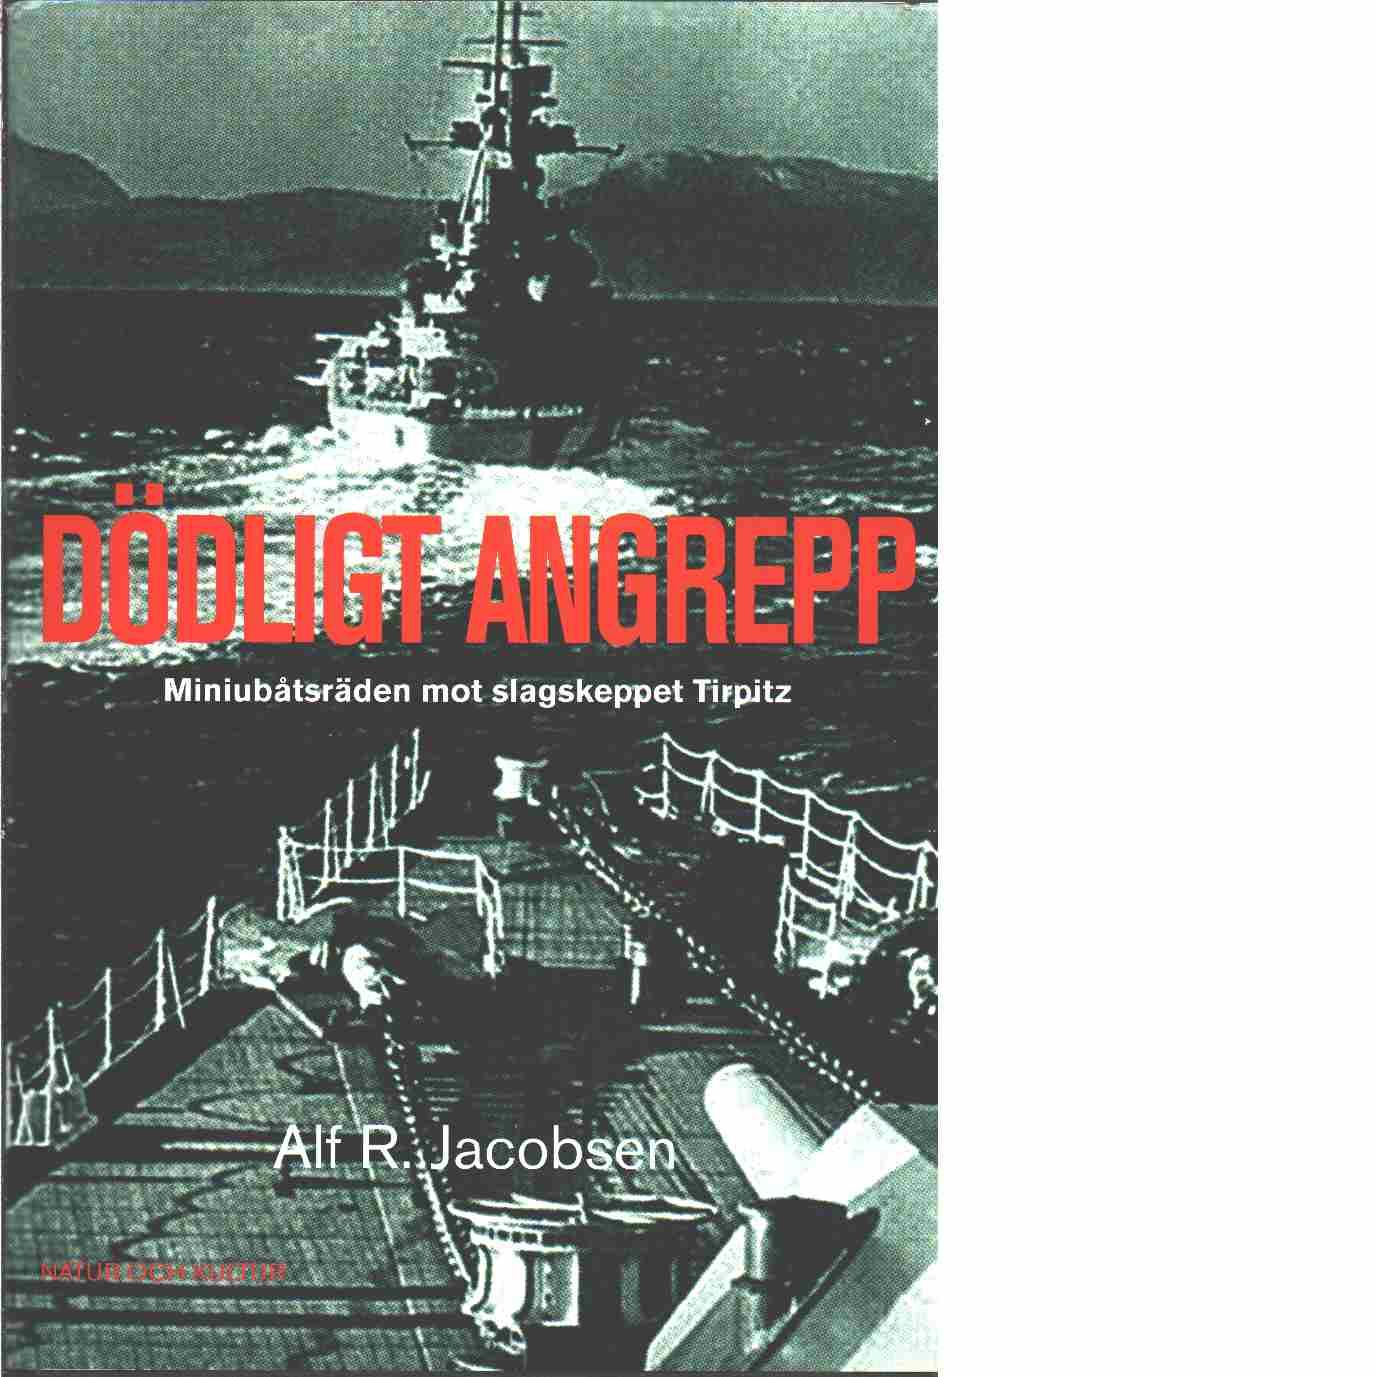 Dödligt angrepp : miniubåtsräden mot slagskeppet  - Jacobsen, Alf R.